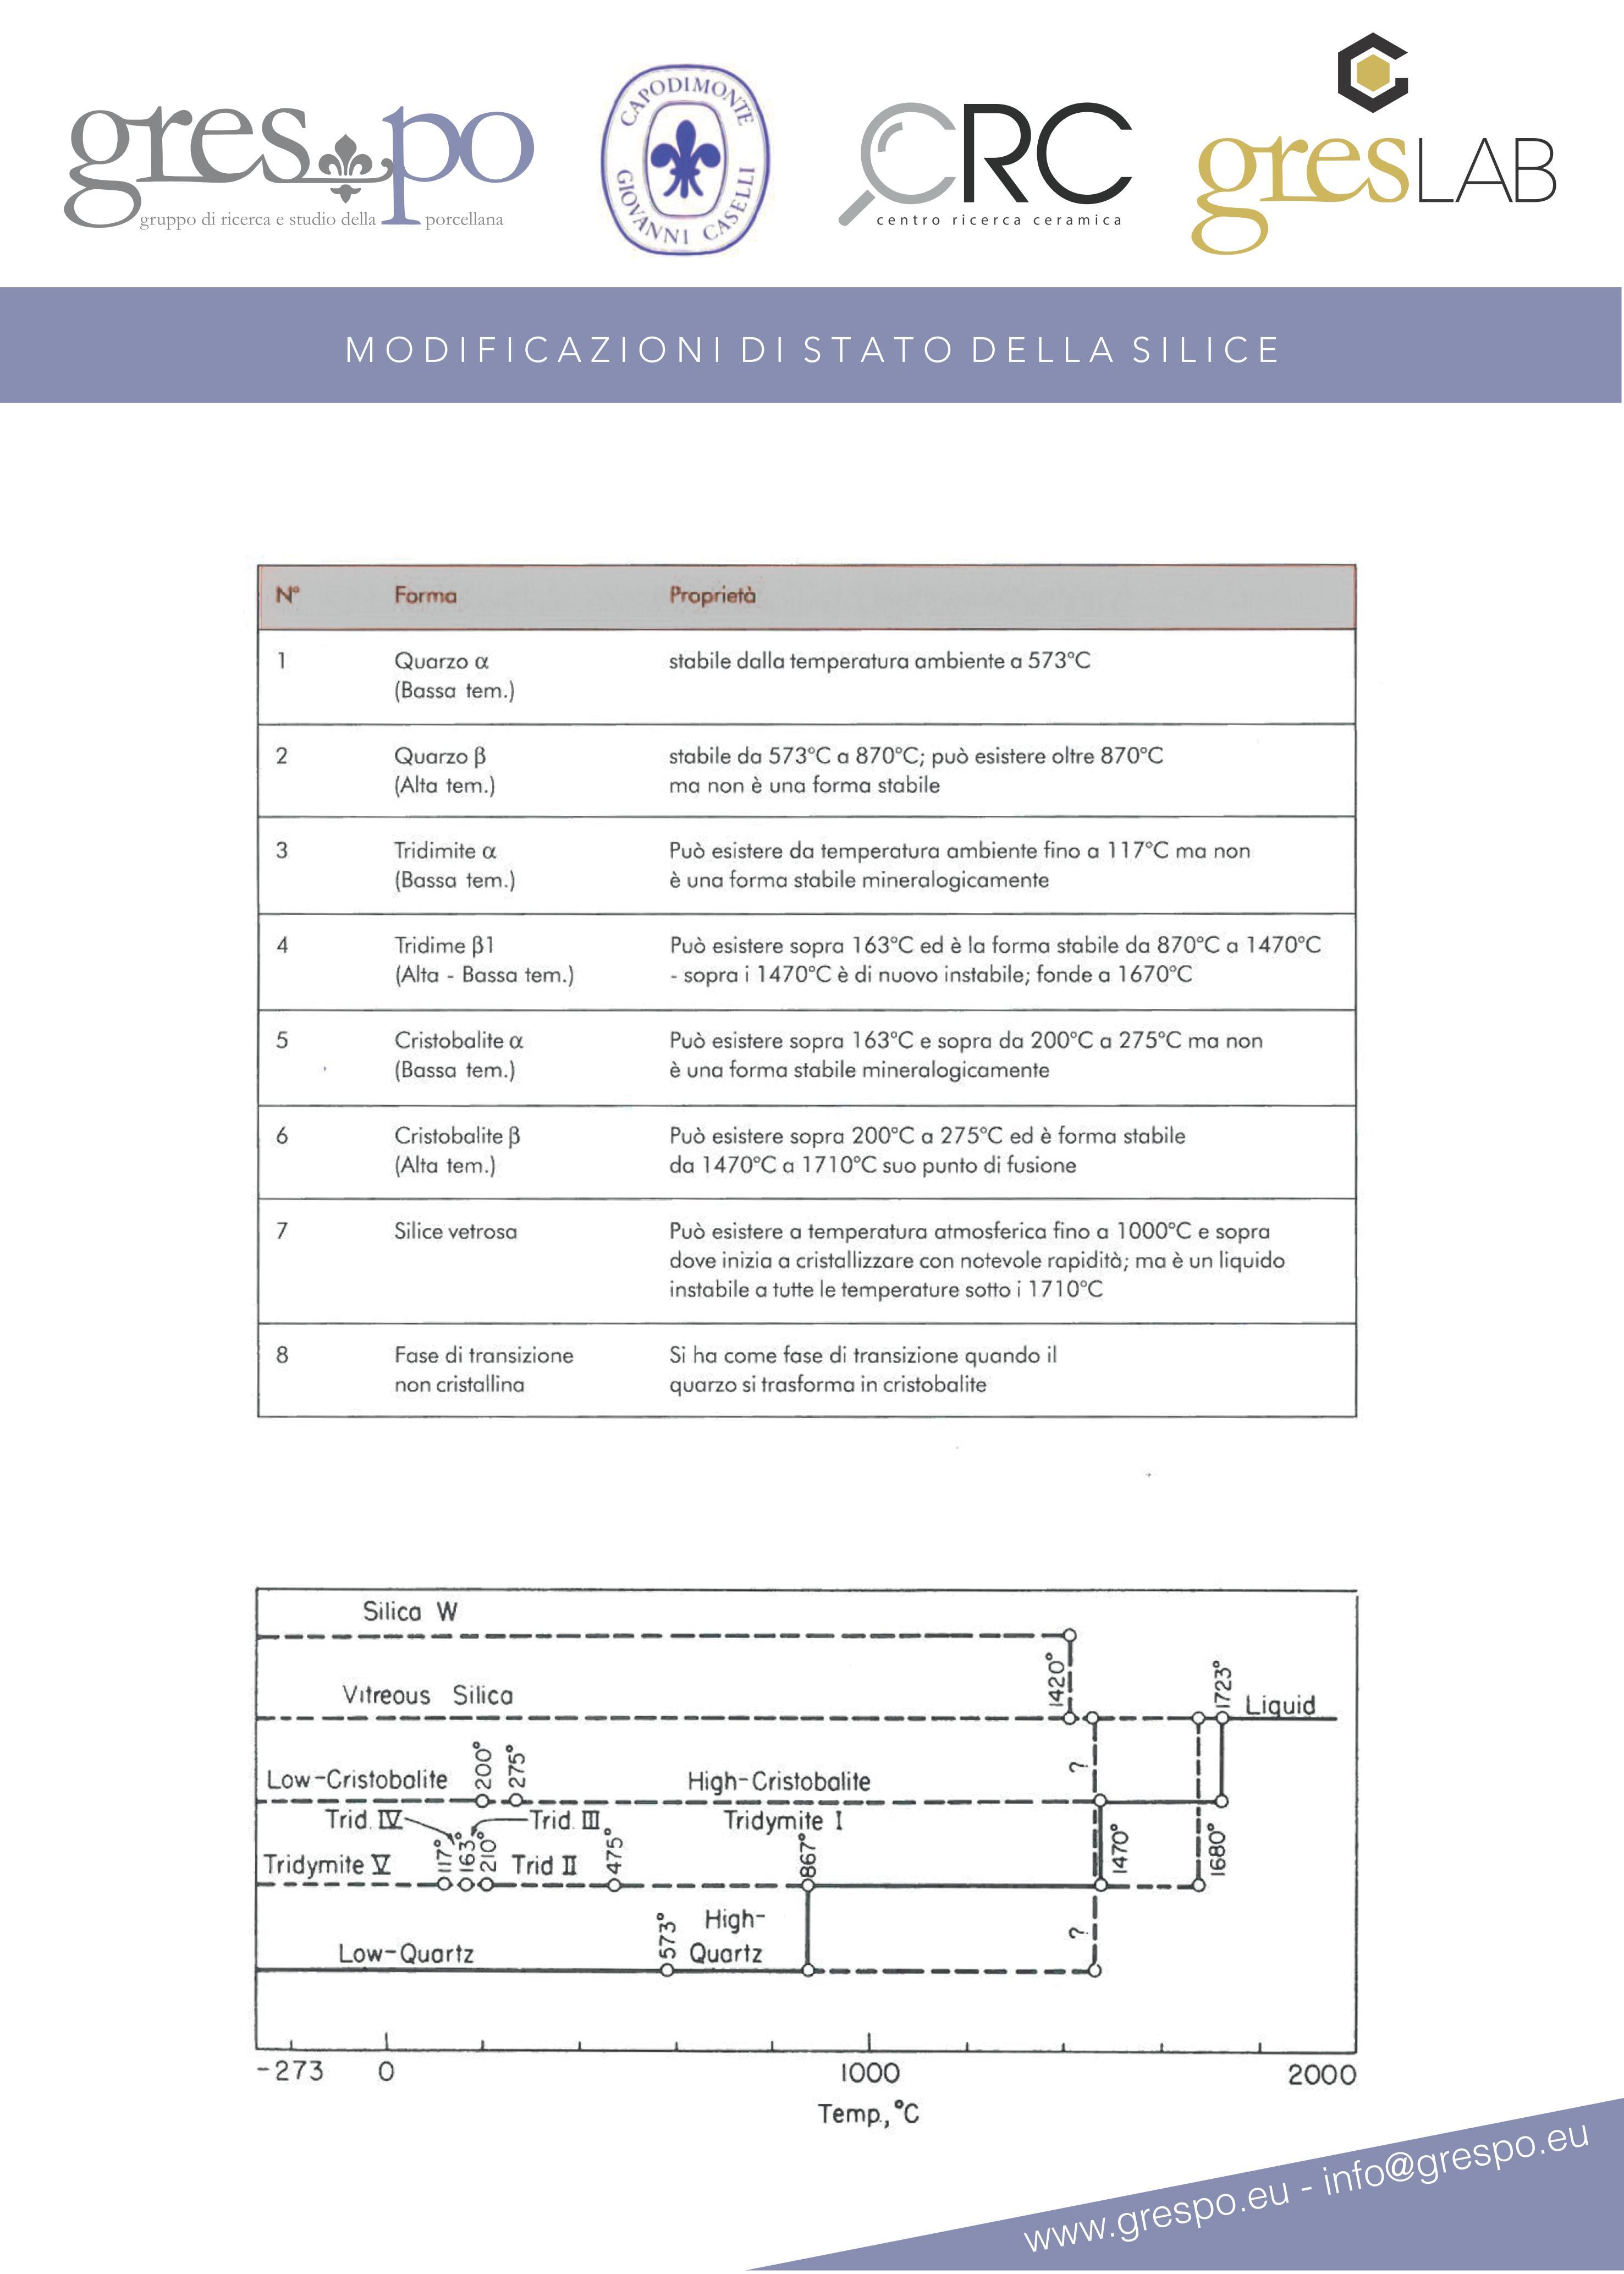 Modificazioni di stato della silice